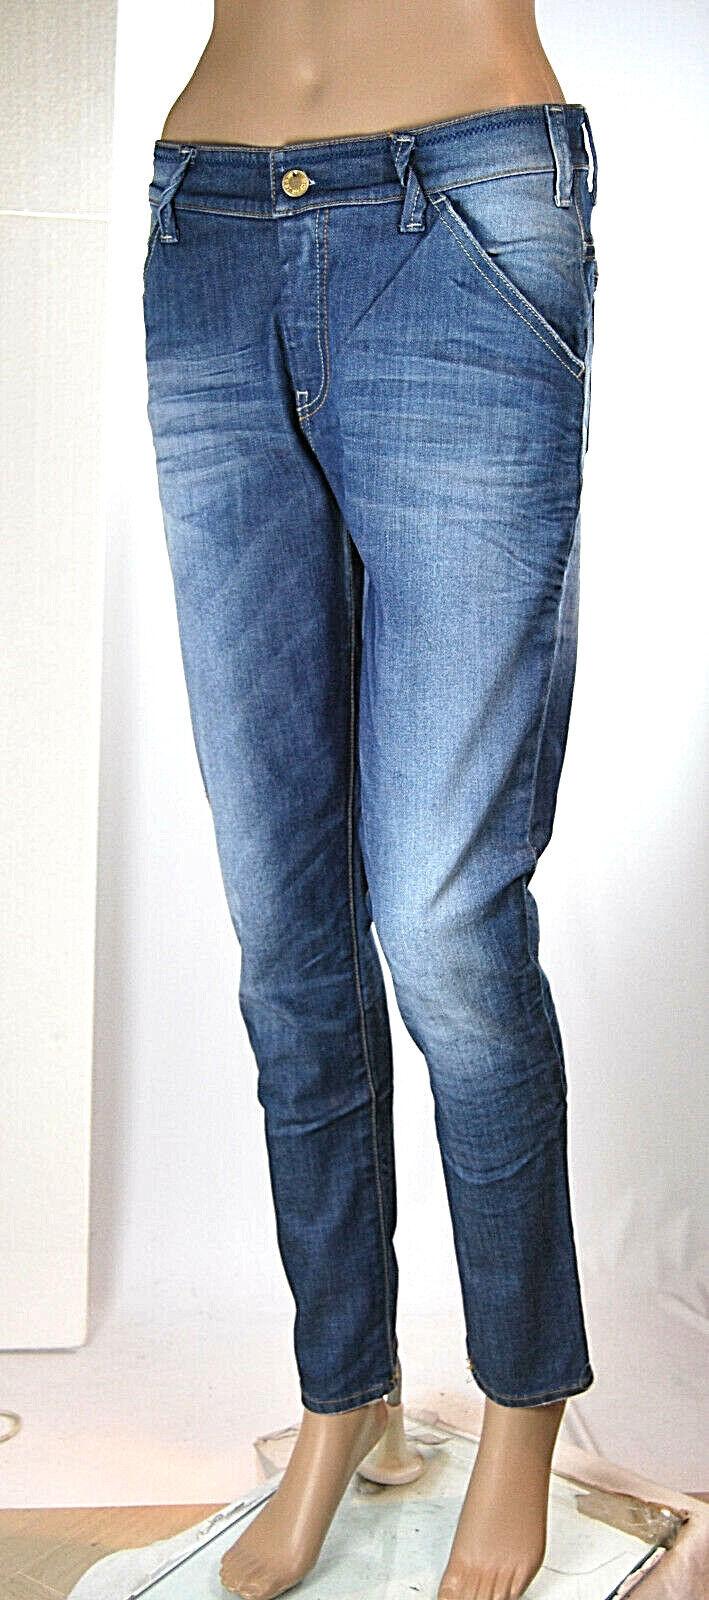 Jeans women Pantaloni MET Made in  Regular Fit CA84 Tg 27 32 veste grande